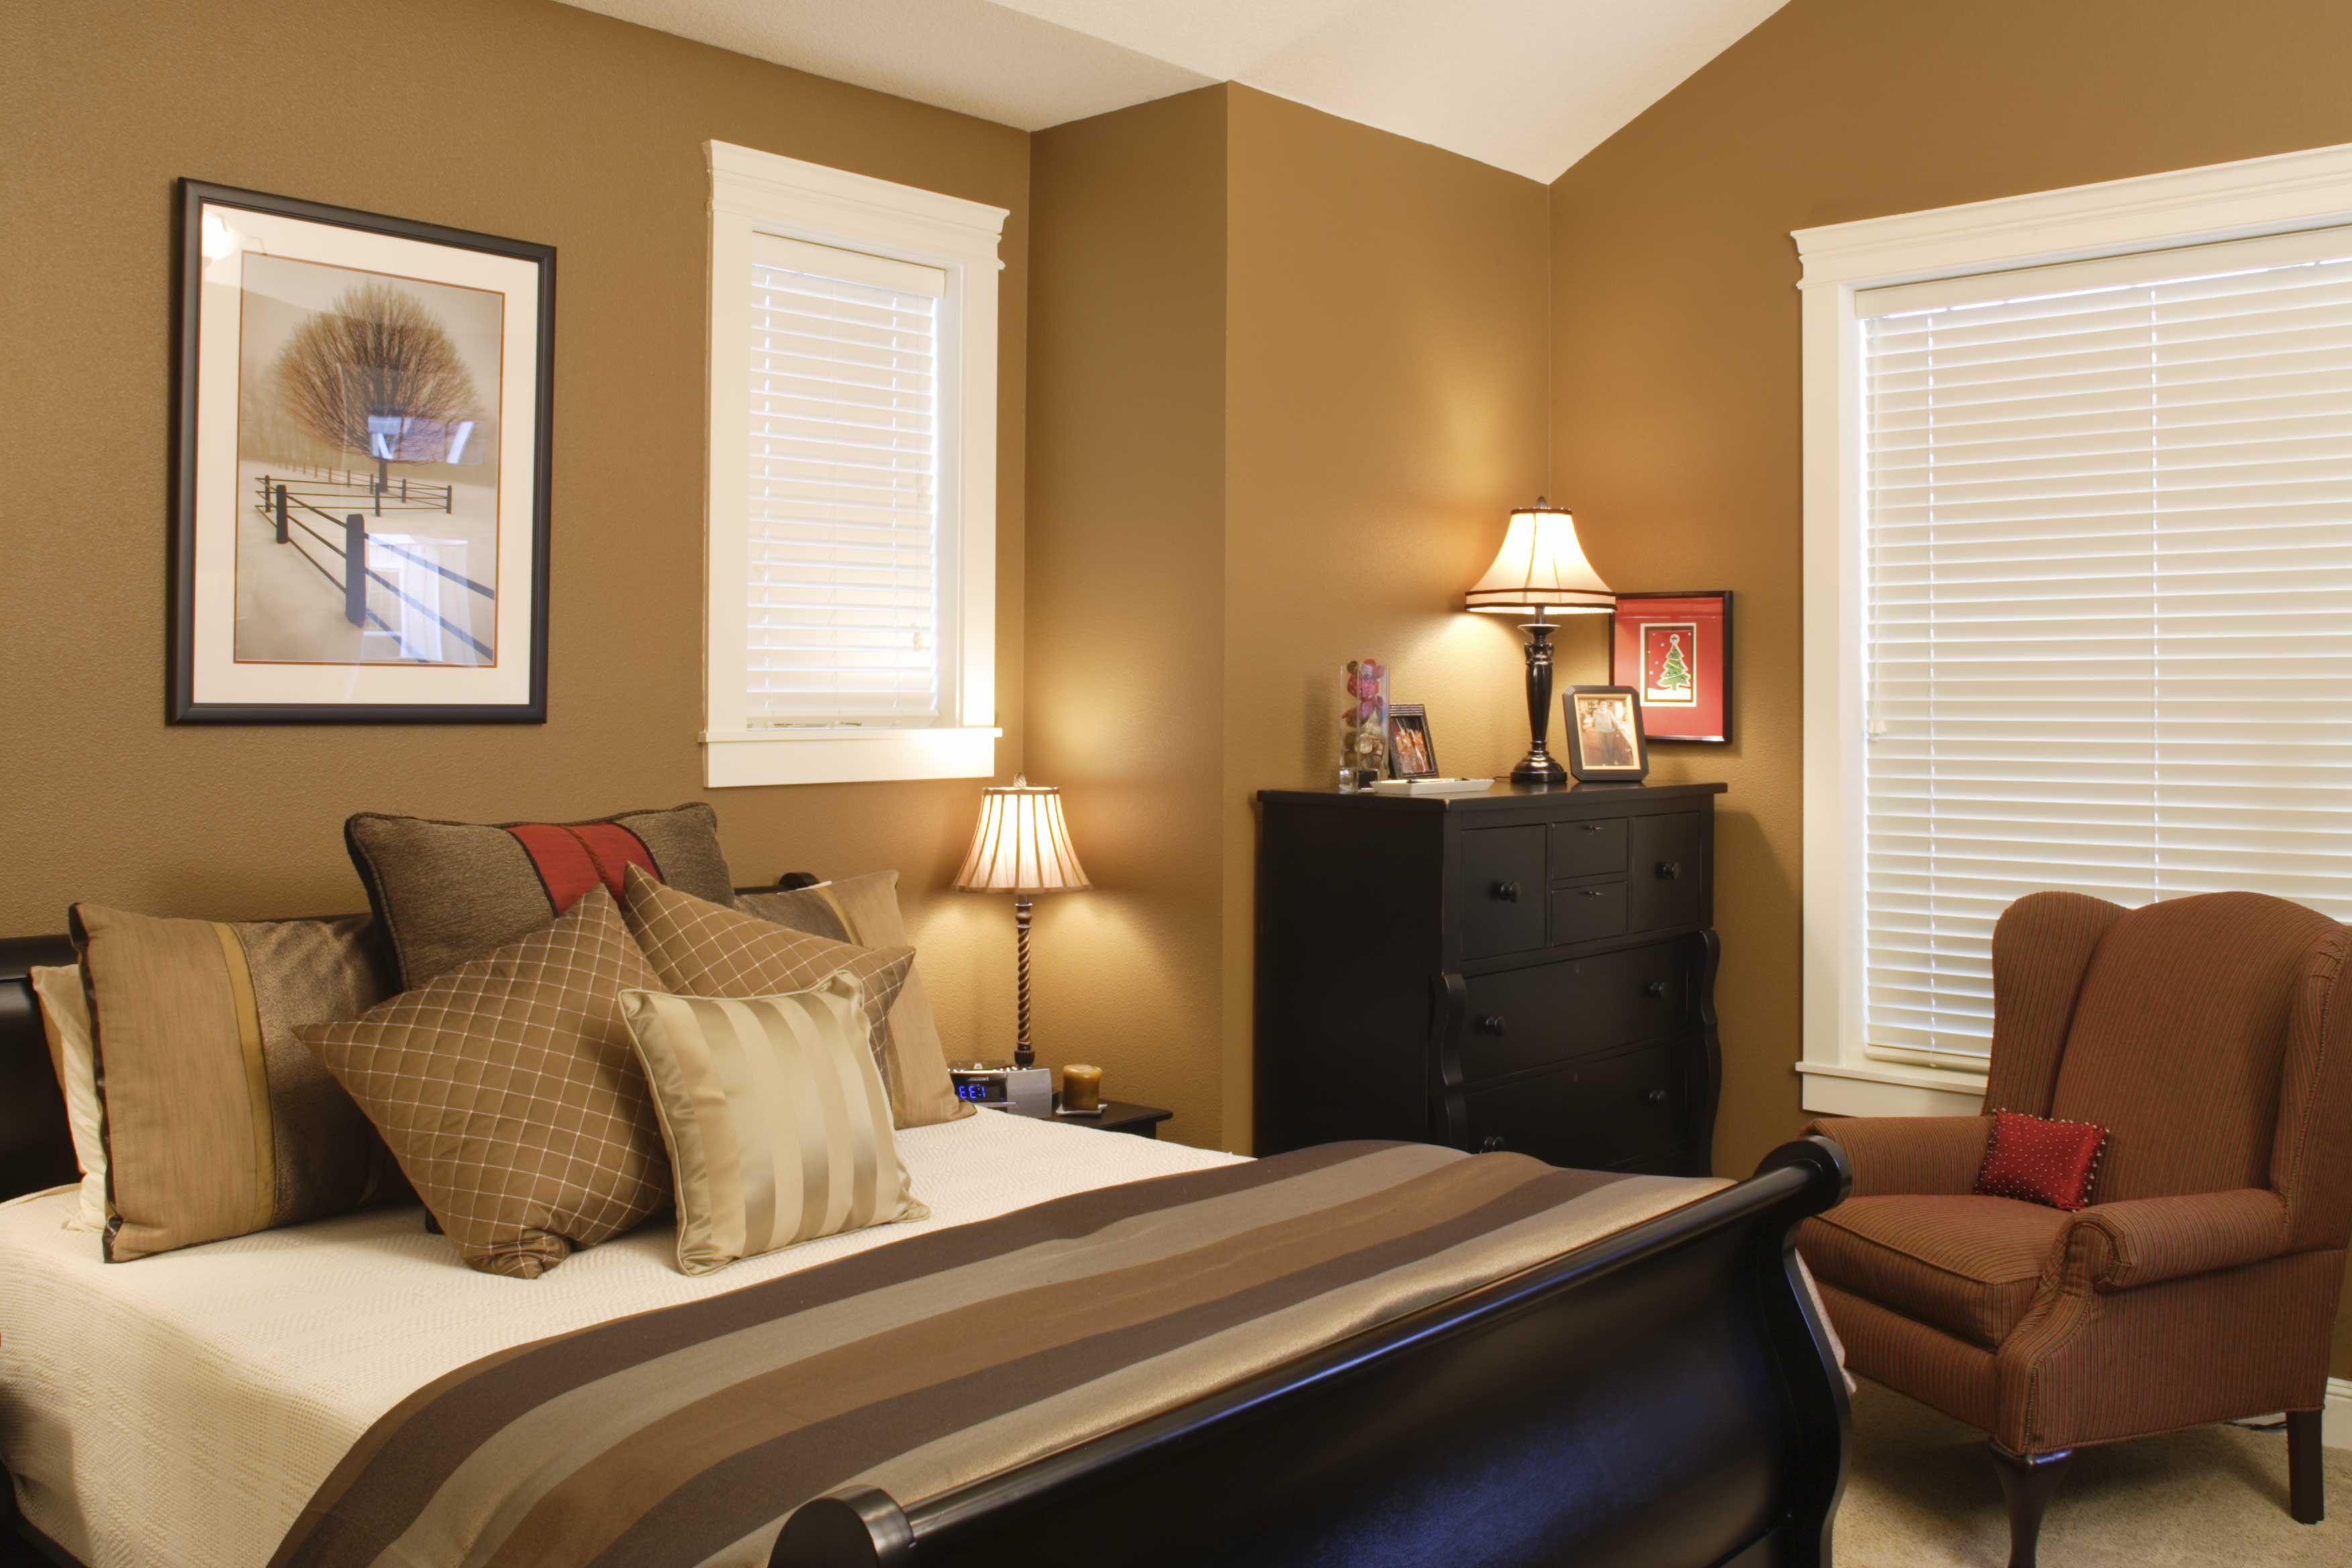 Die 30 Besten Farben Für Schlafzimmer Lummy Design Und Farbschema Sind In  Der Regel Identifiziert Mit Wortlaut ähnlich Farben Kleine Schlafzimmer  Thema, ...